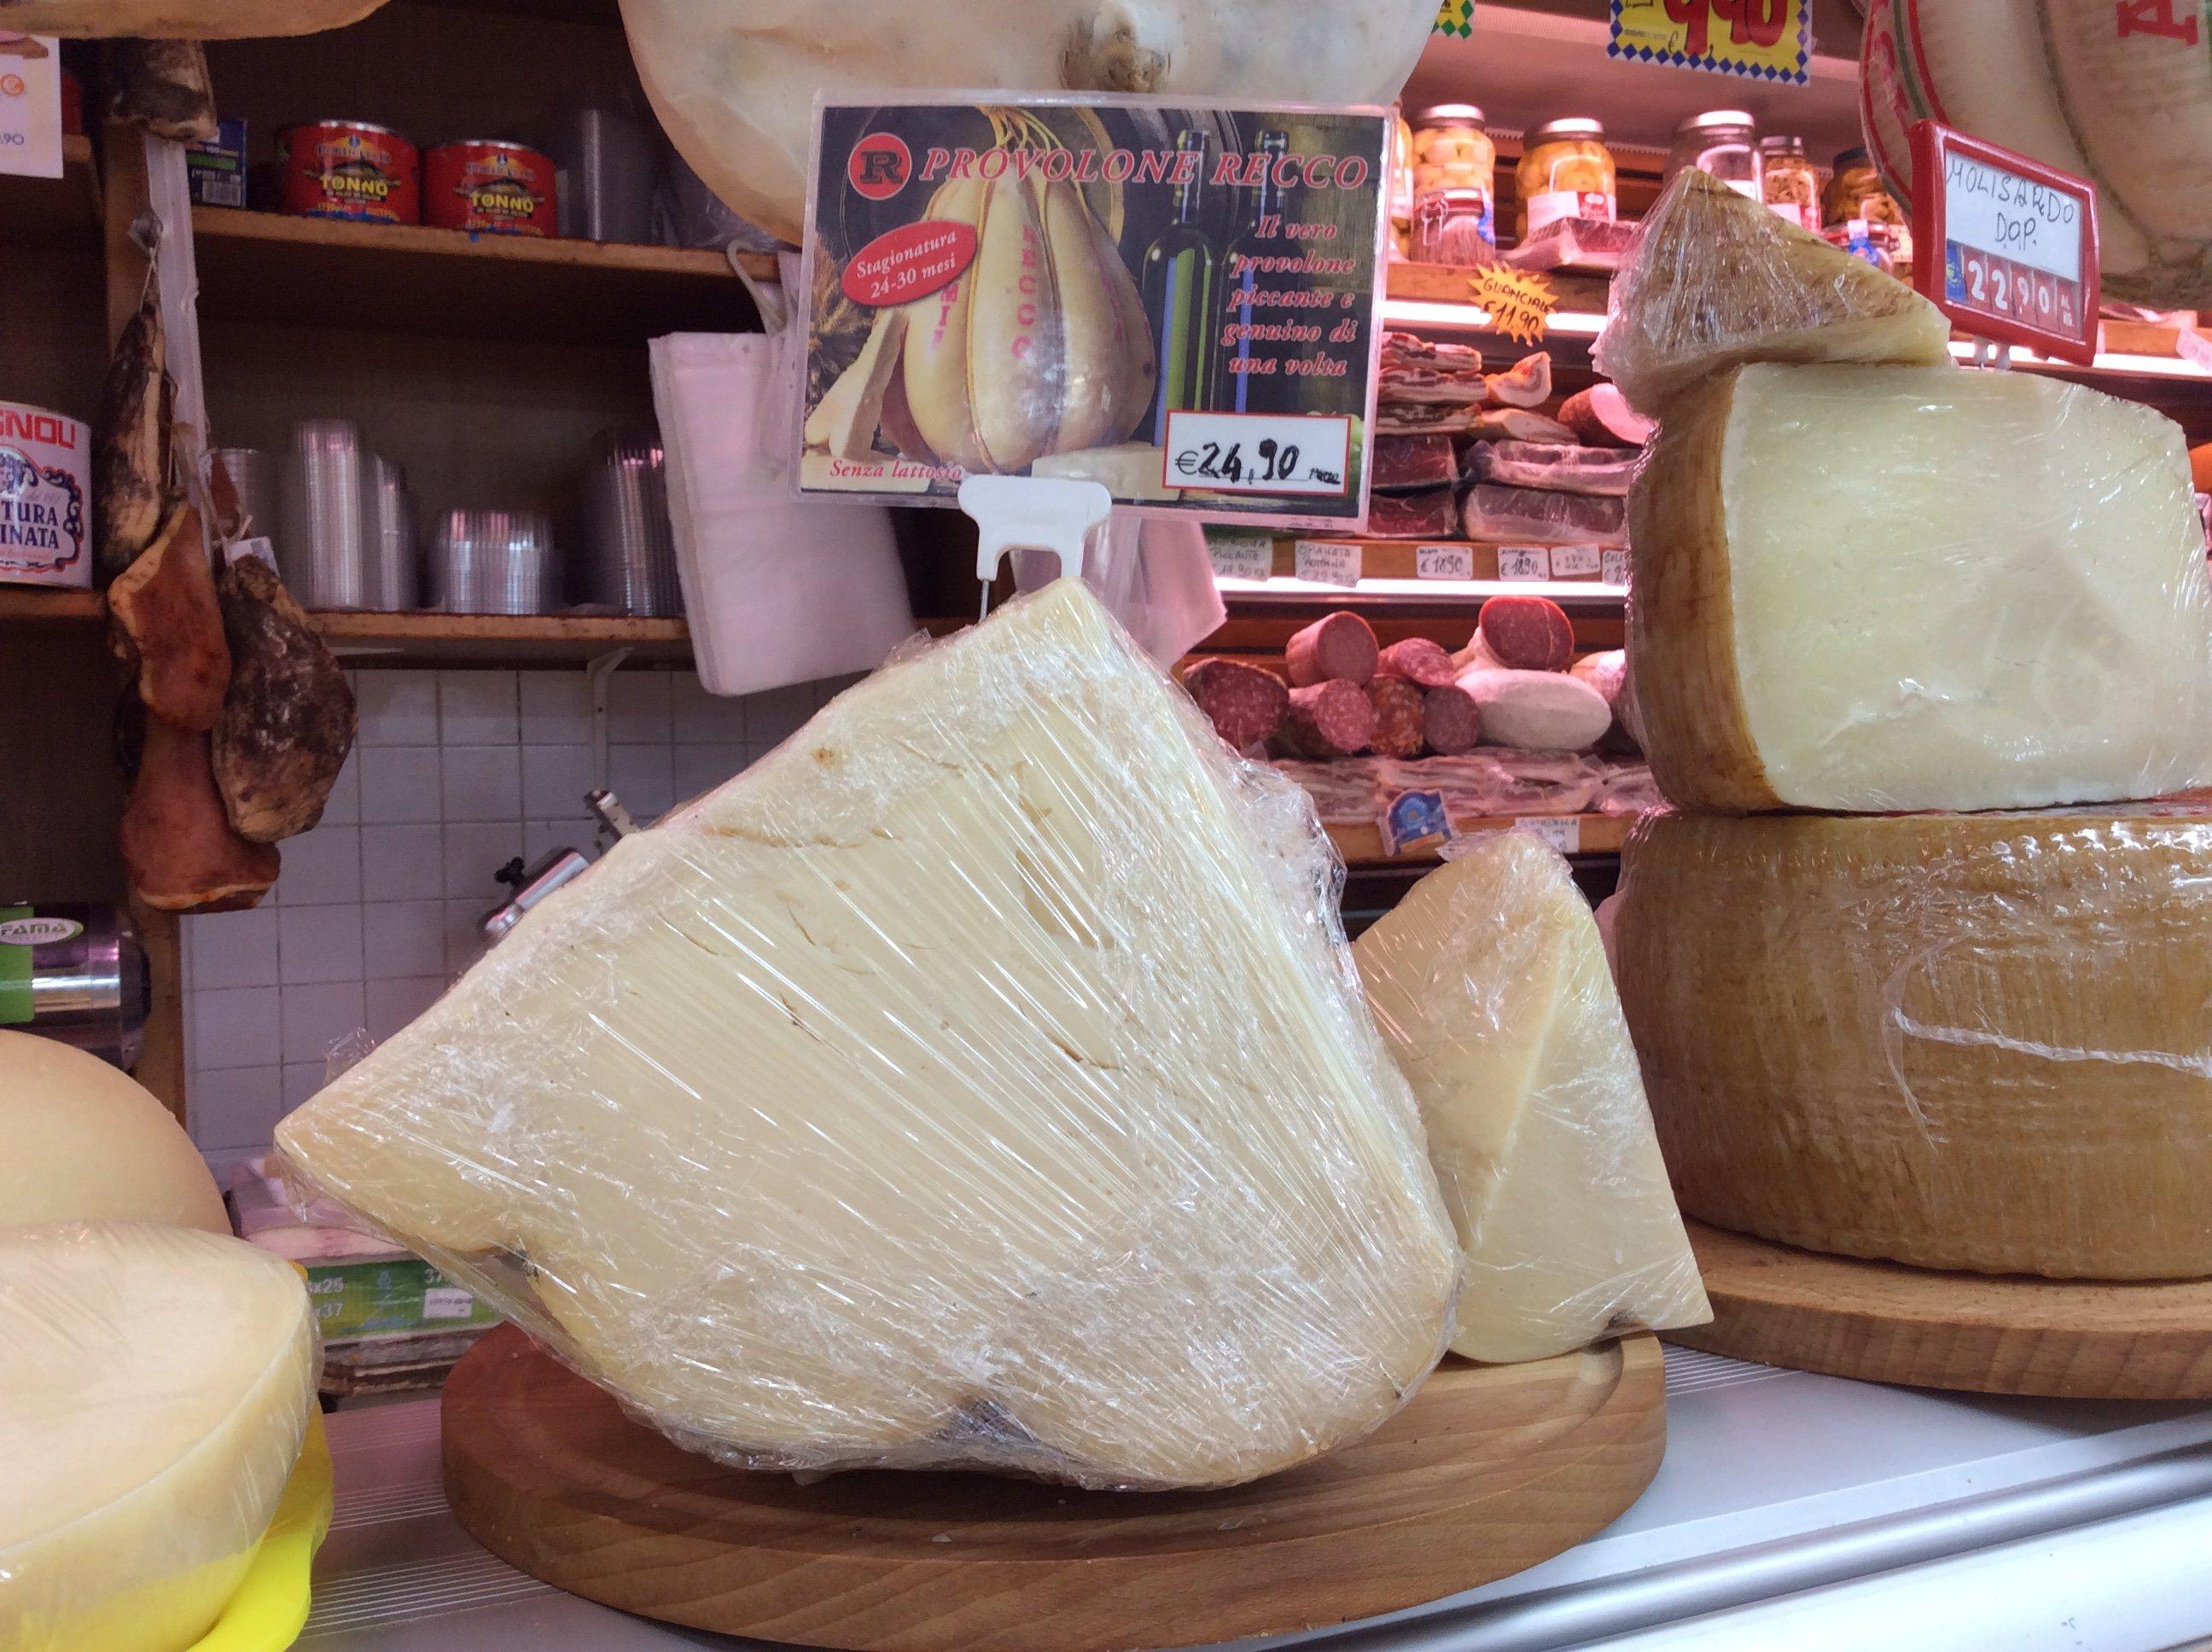 I migliori formaggi per la vostra tavola